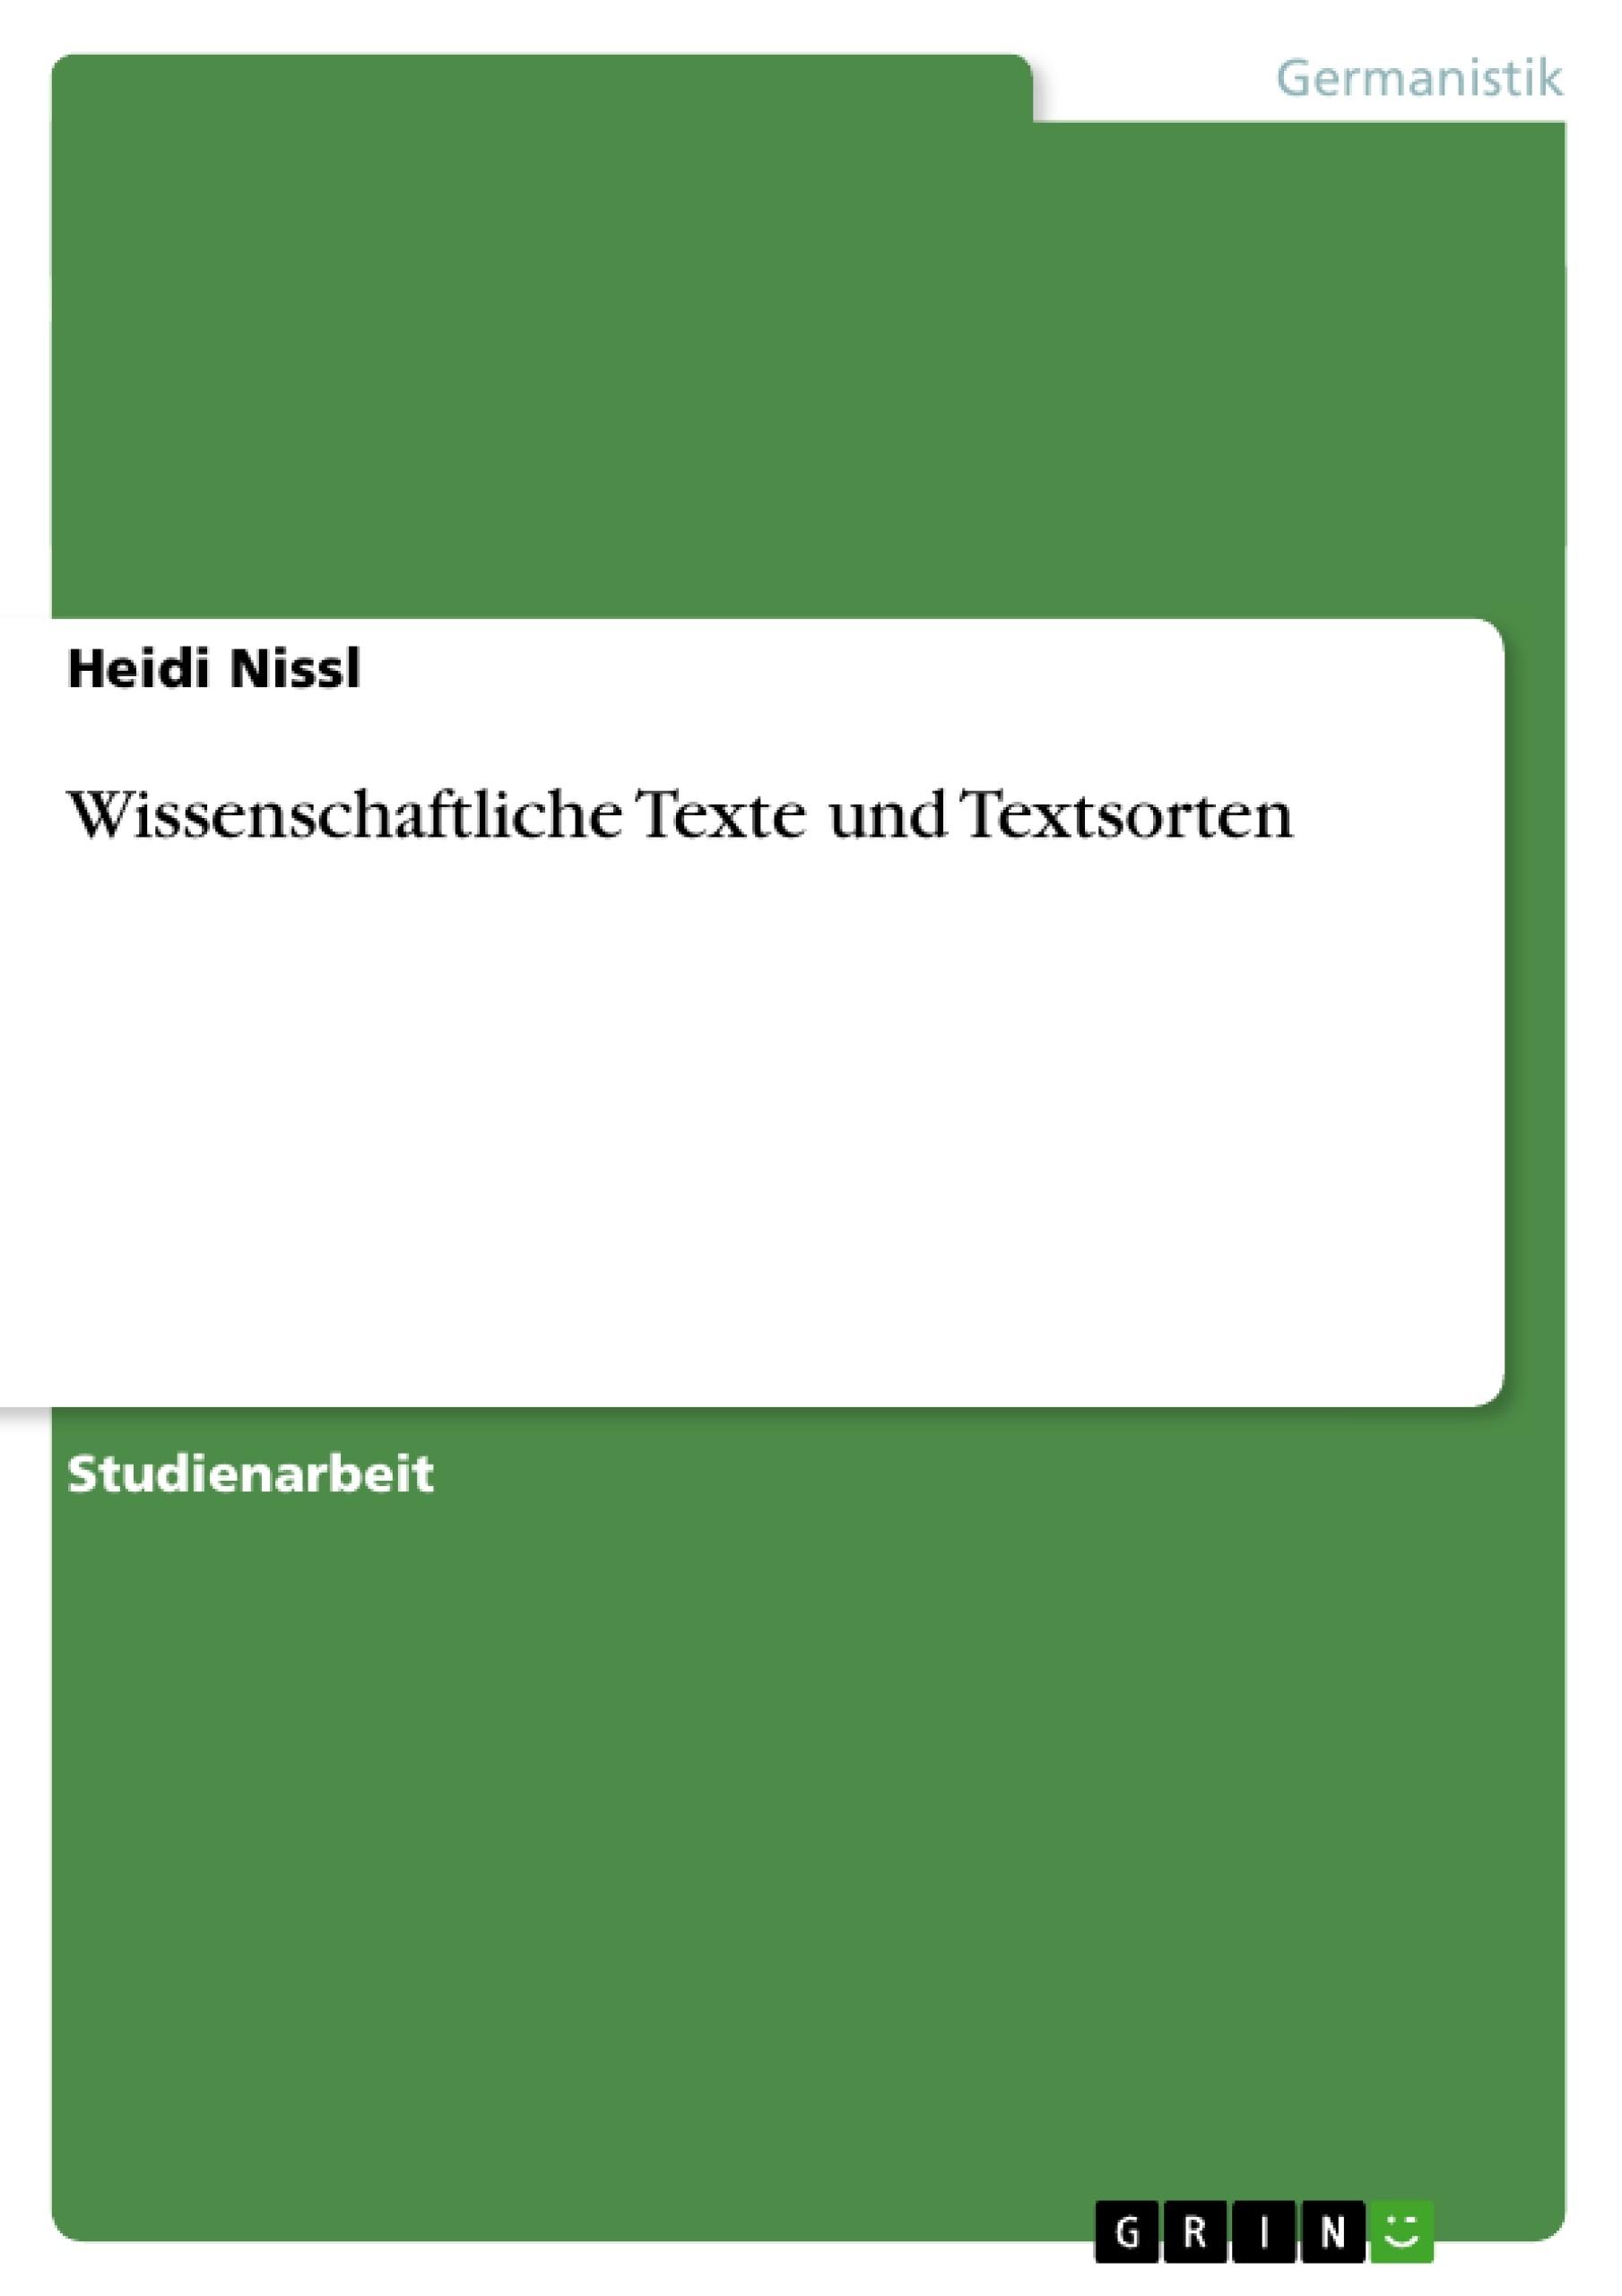 Titel: Wissenschaftliche Texte und Textsorten